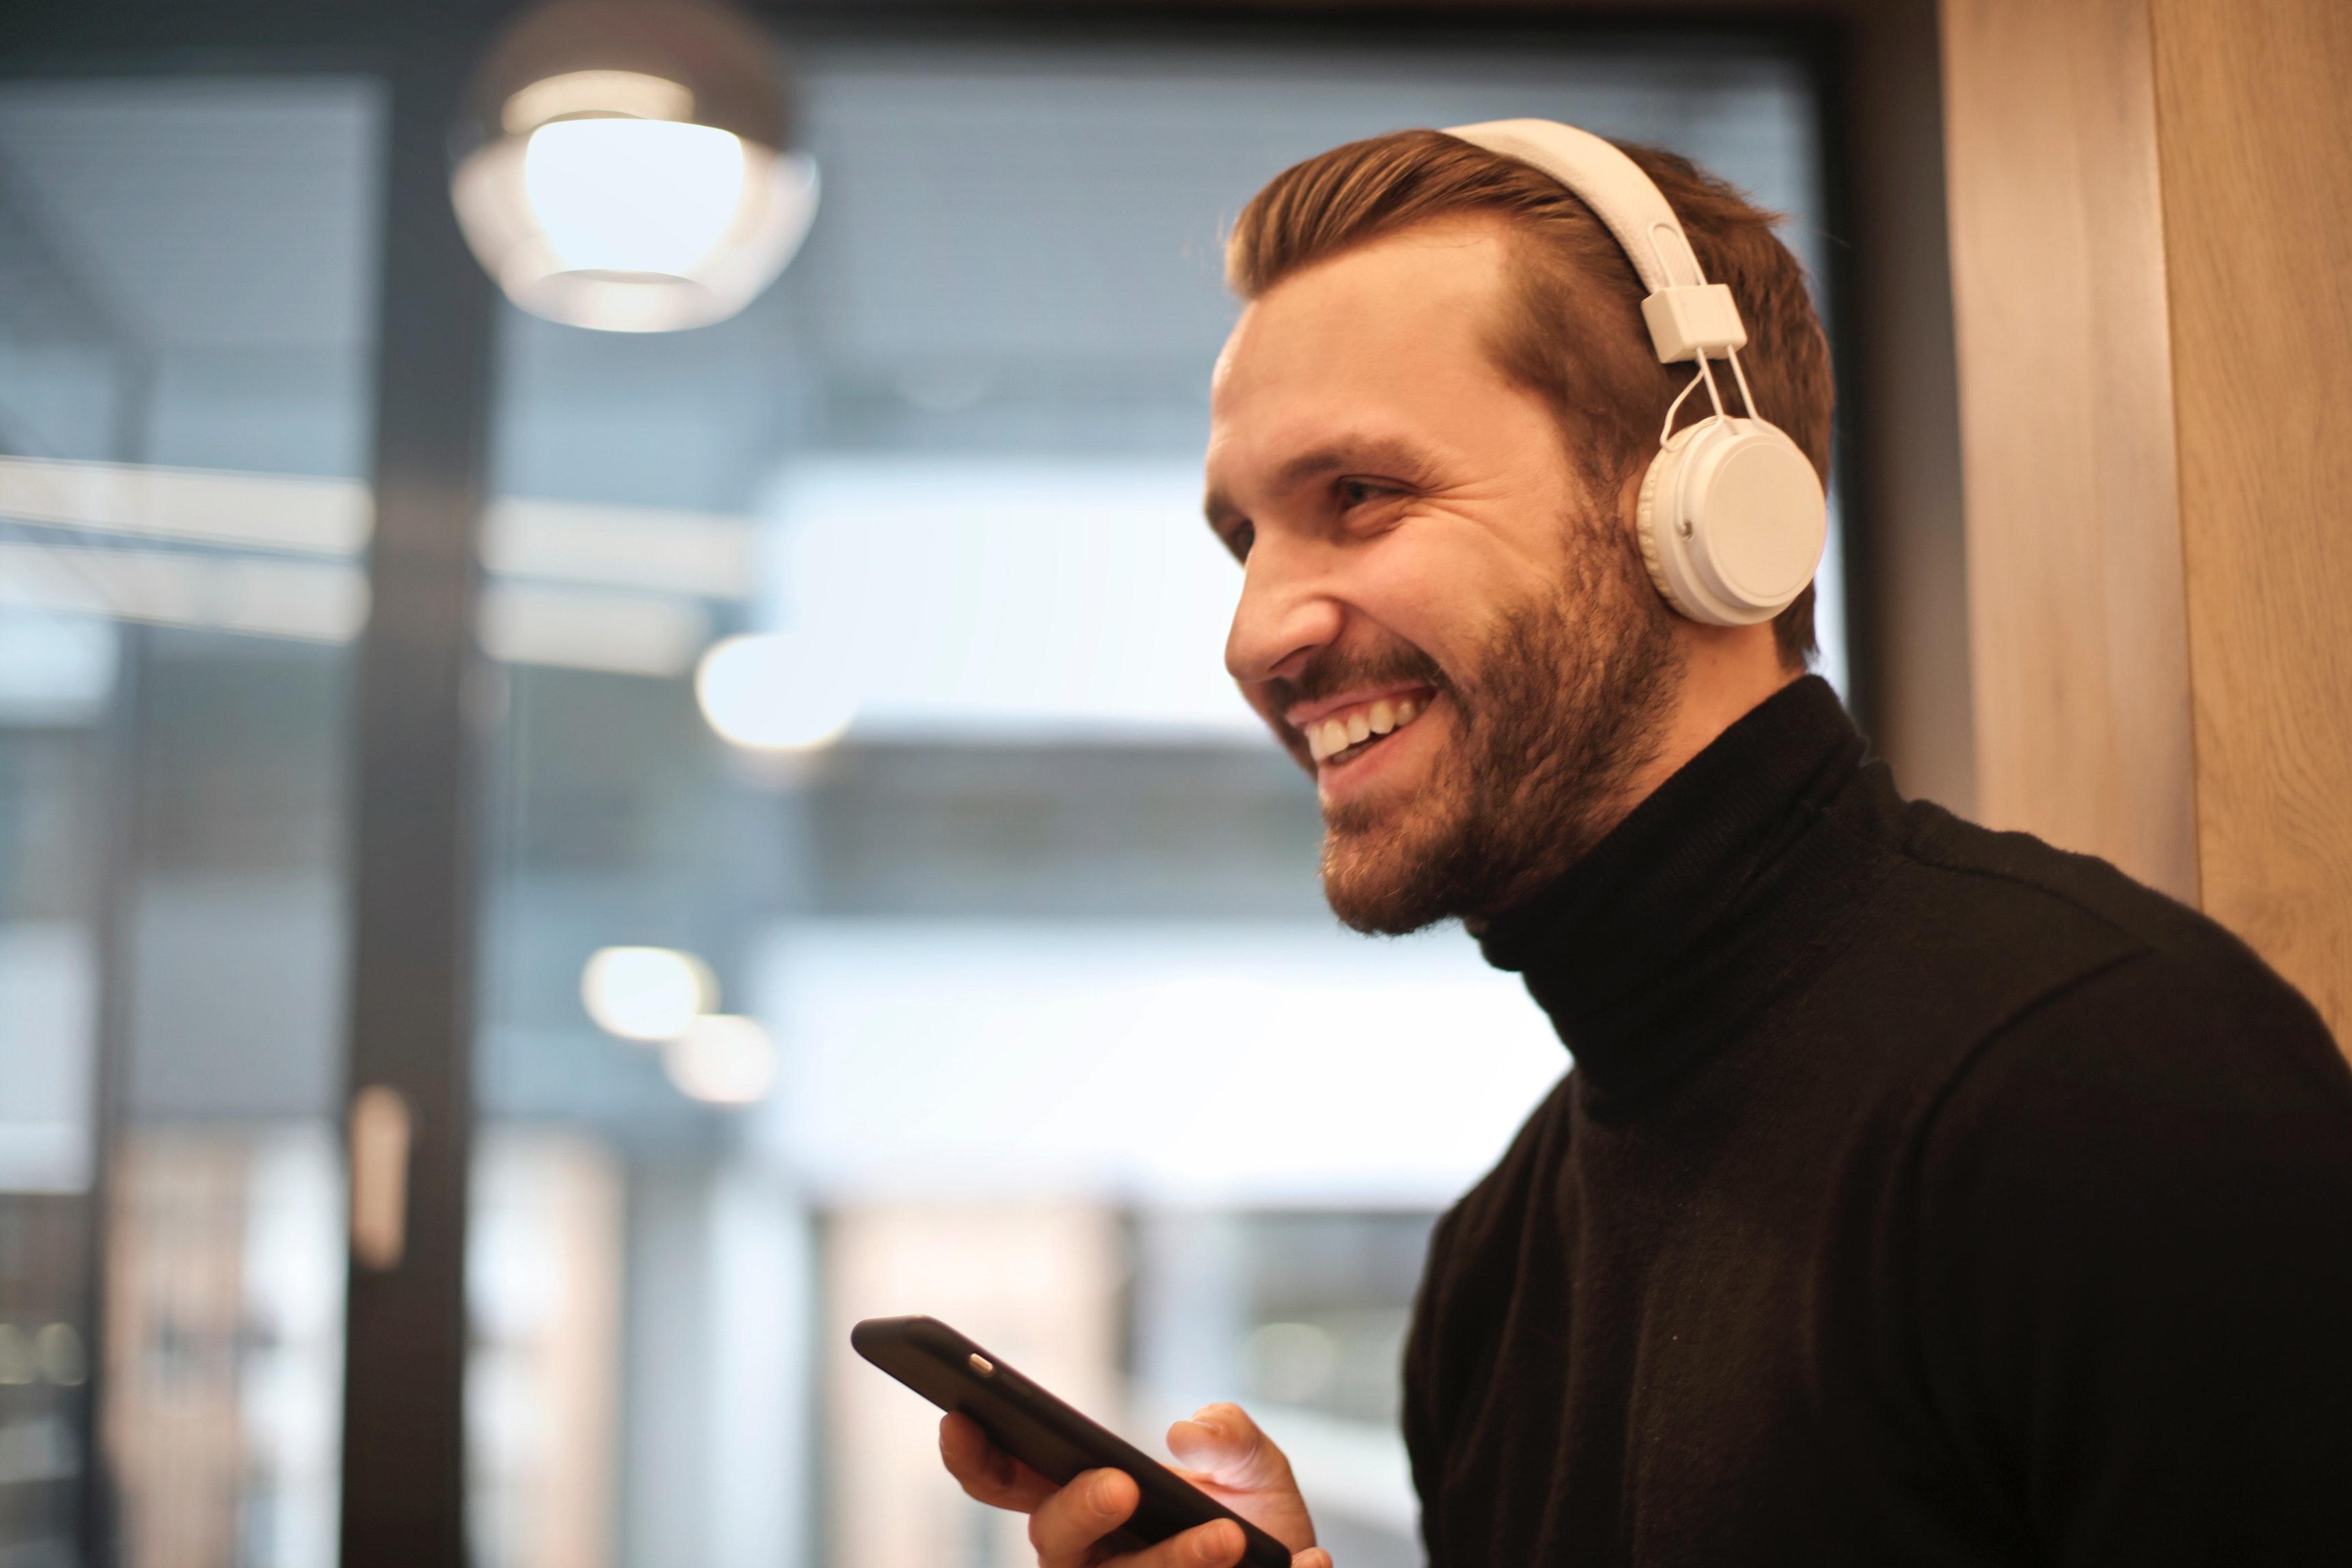 Musicothérapie : quand la musique adoucit les mœurs